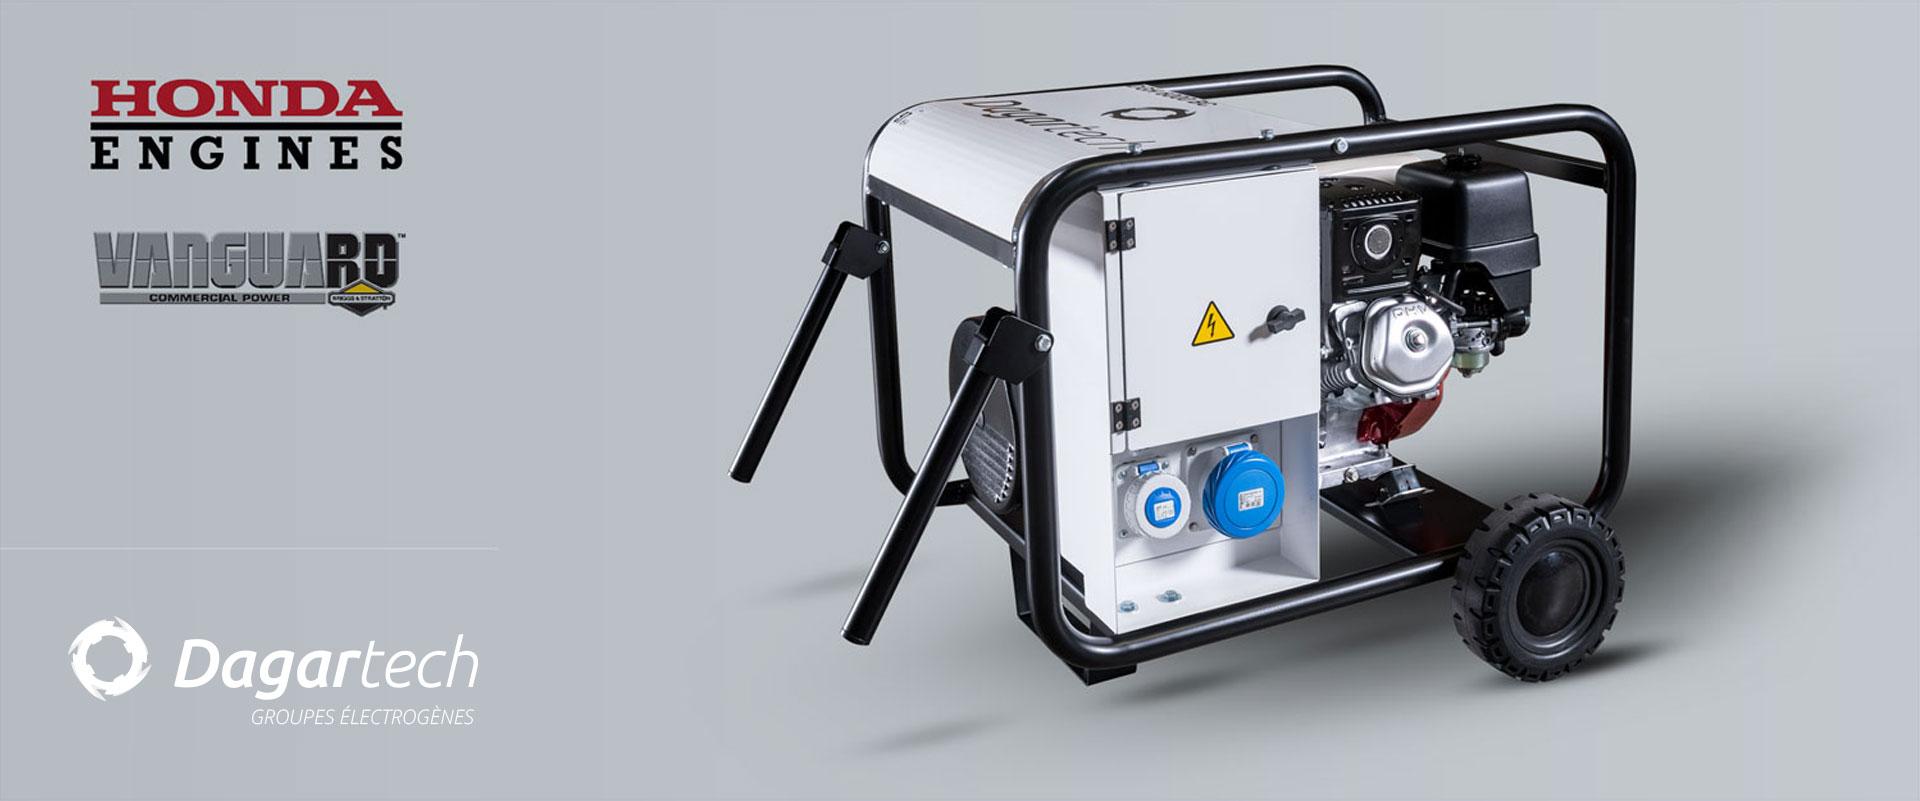 Groupe électrogène de la Gamme Portable BC Dagartech pour Locations de machines